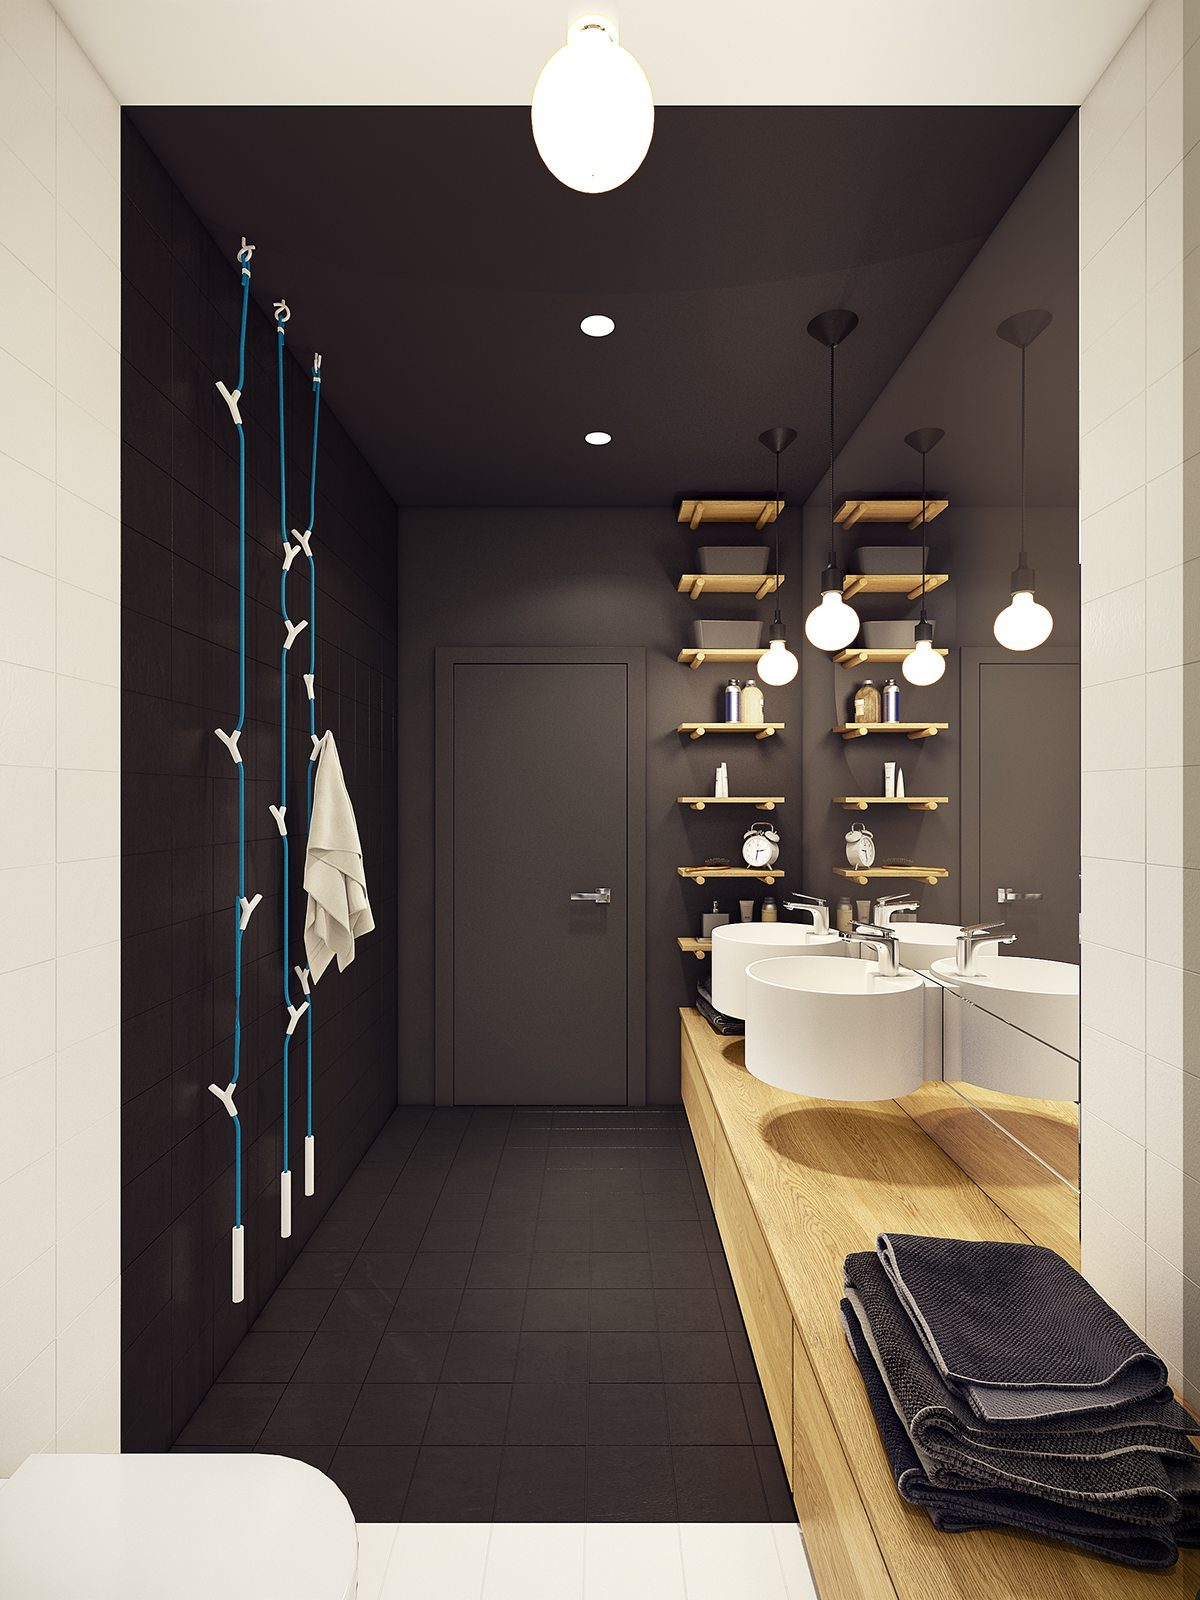 matte black bathroom inspiration Căn hộ hiện đại tuyệt đẹp với thiết kế đầy màu sắc qpdesign